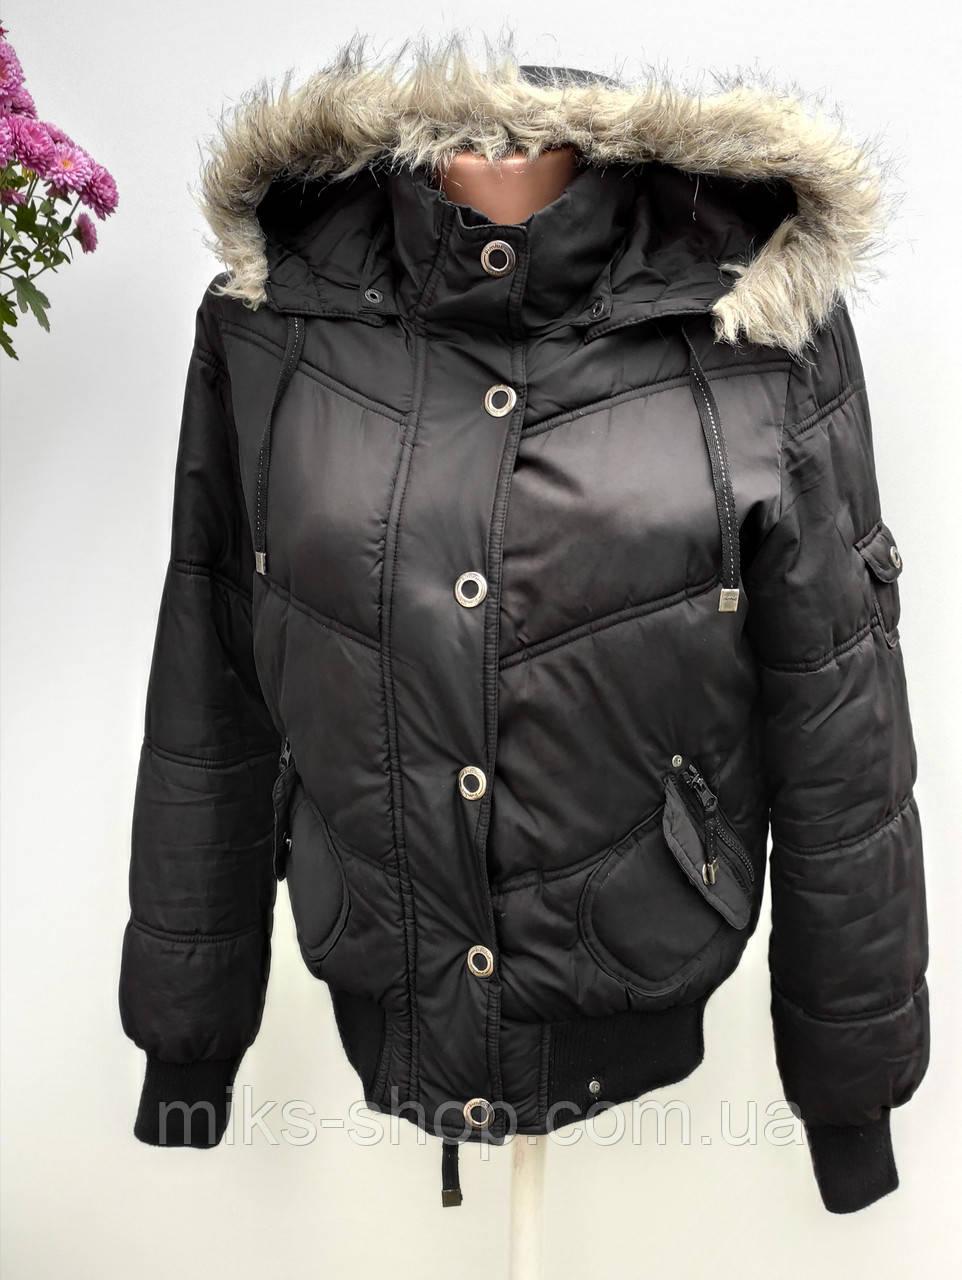 Жіноча куртка утеплена  Розмір М ( Б-49)